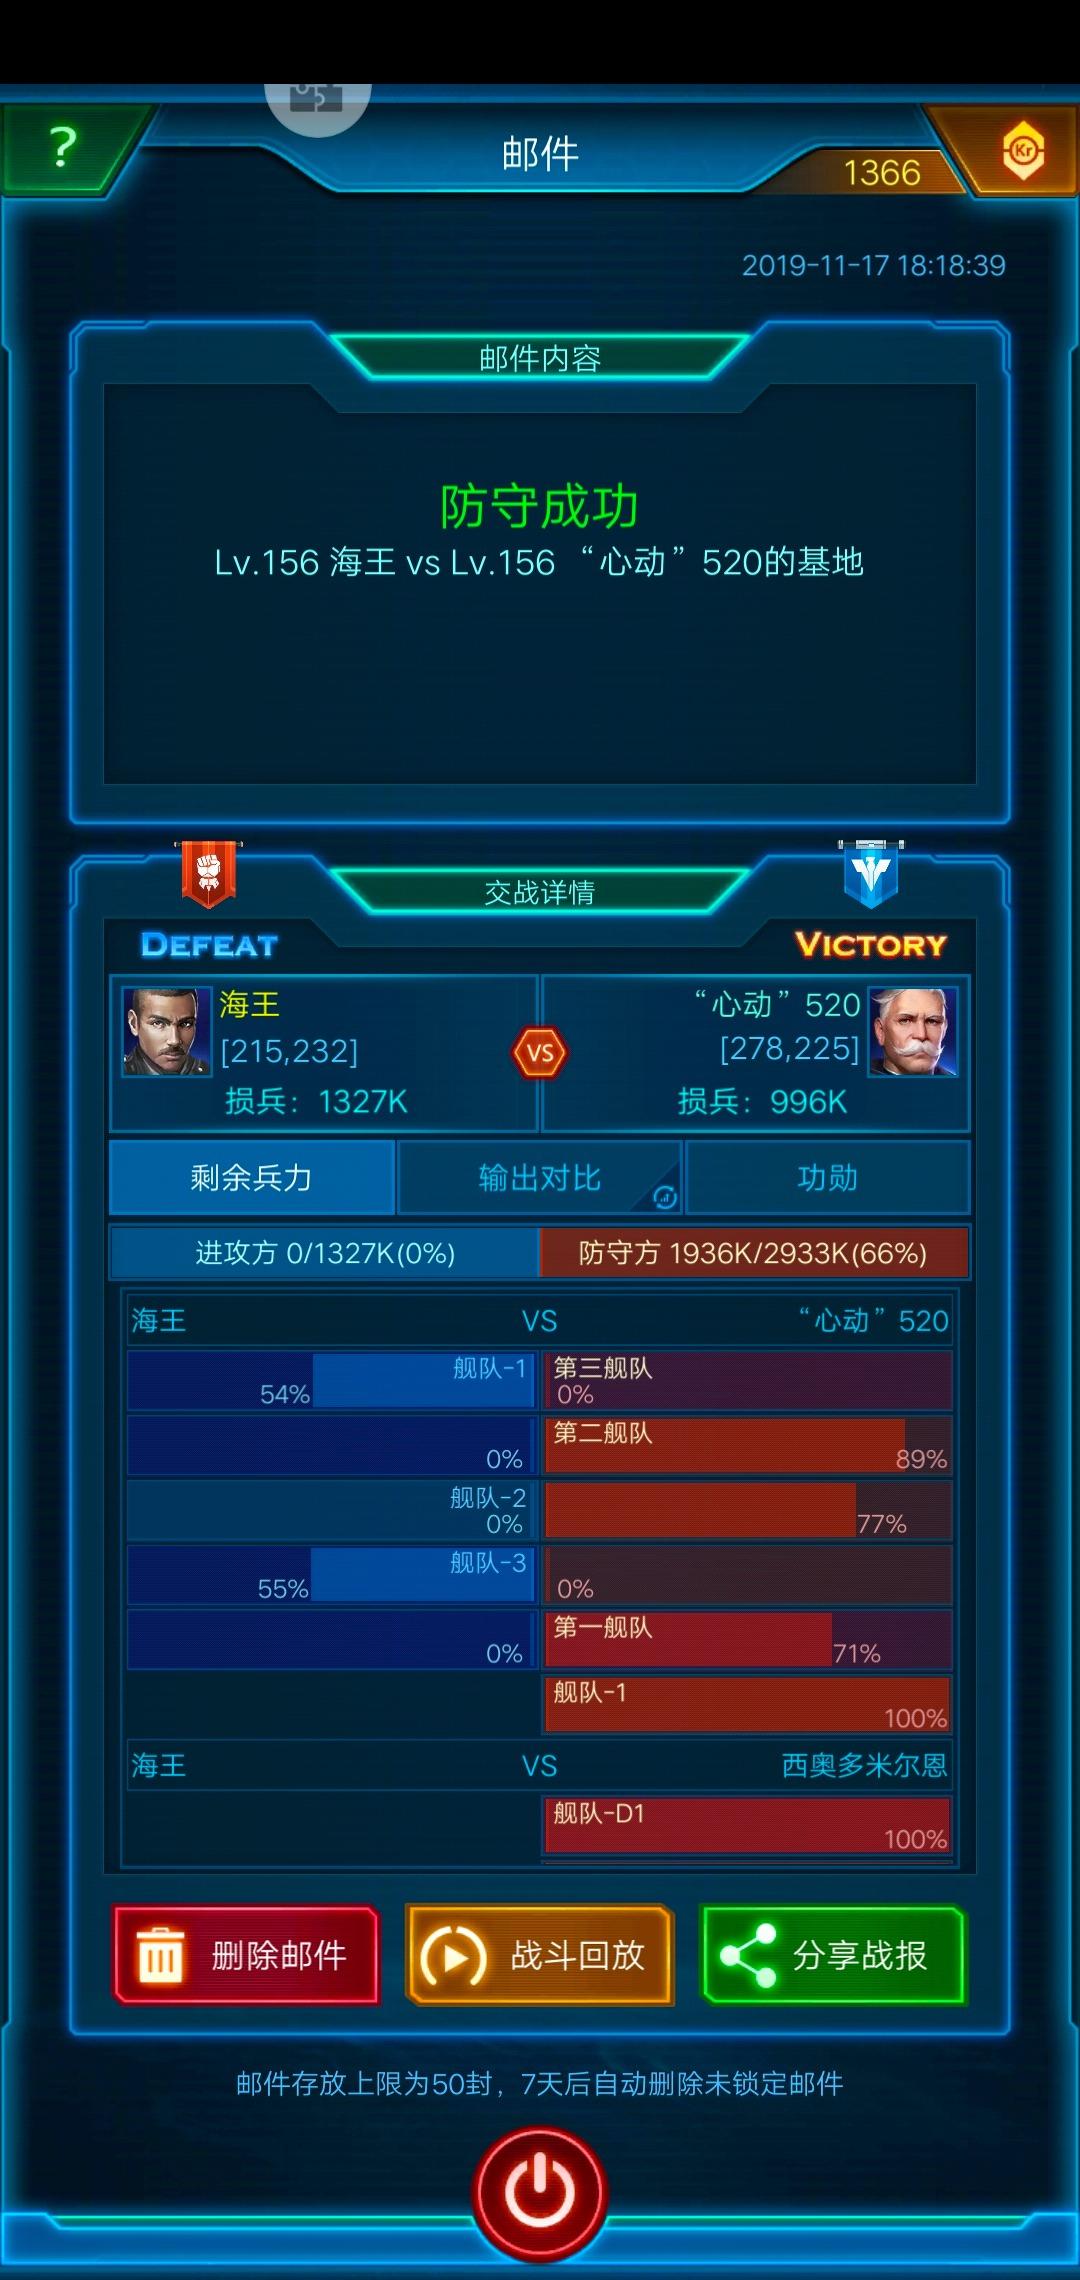 Screenshot_20191117_184150.jpg